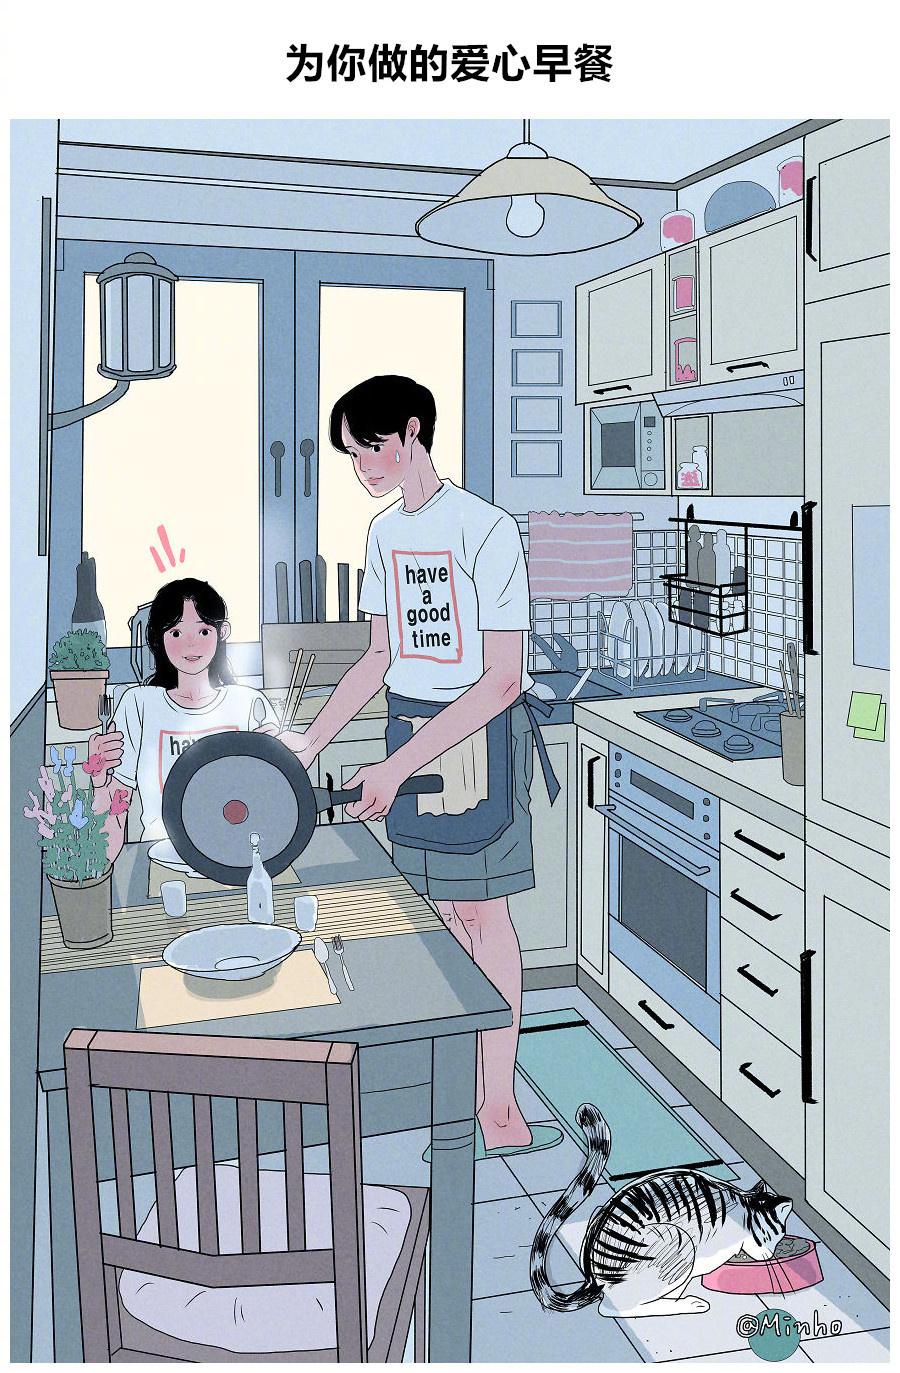 漫情侣Myeong-Minho漫画下一对画师甜甜的恋钱画笔多少dc图片